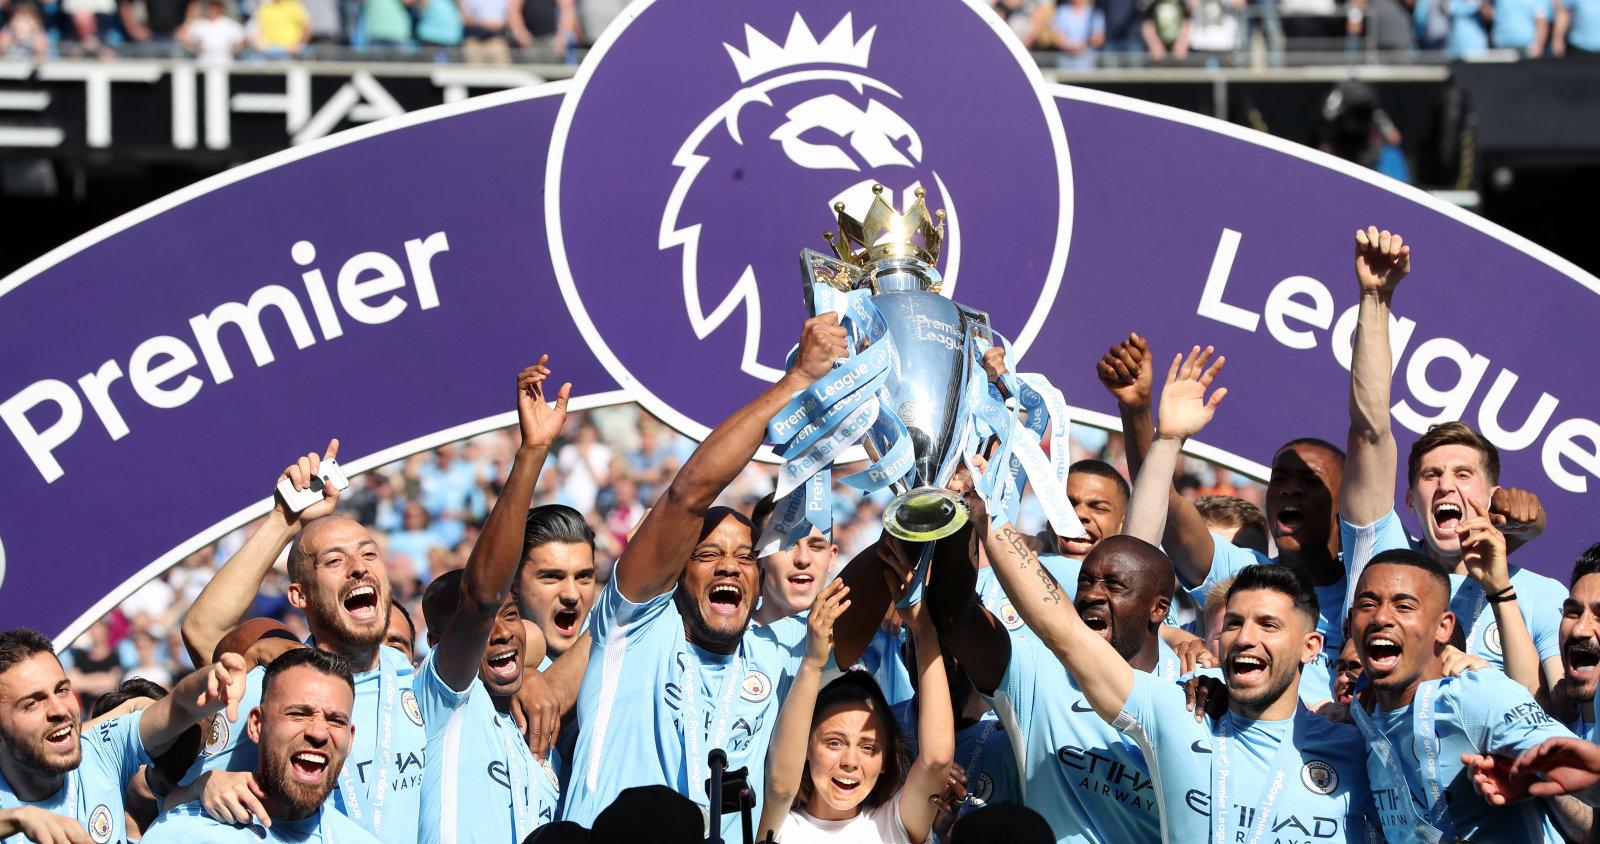 Top 5 dòng giày đá bóng được các cầu thủ sử dụng nhiều nhất tại Premier League